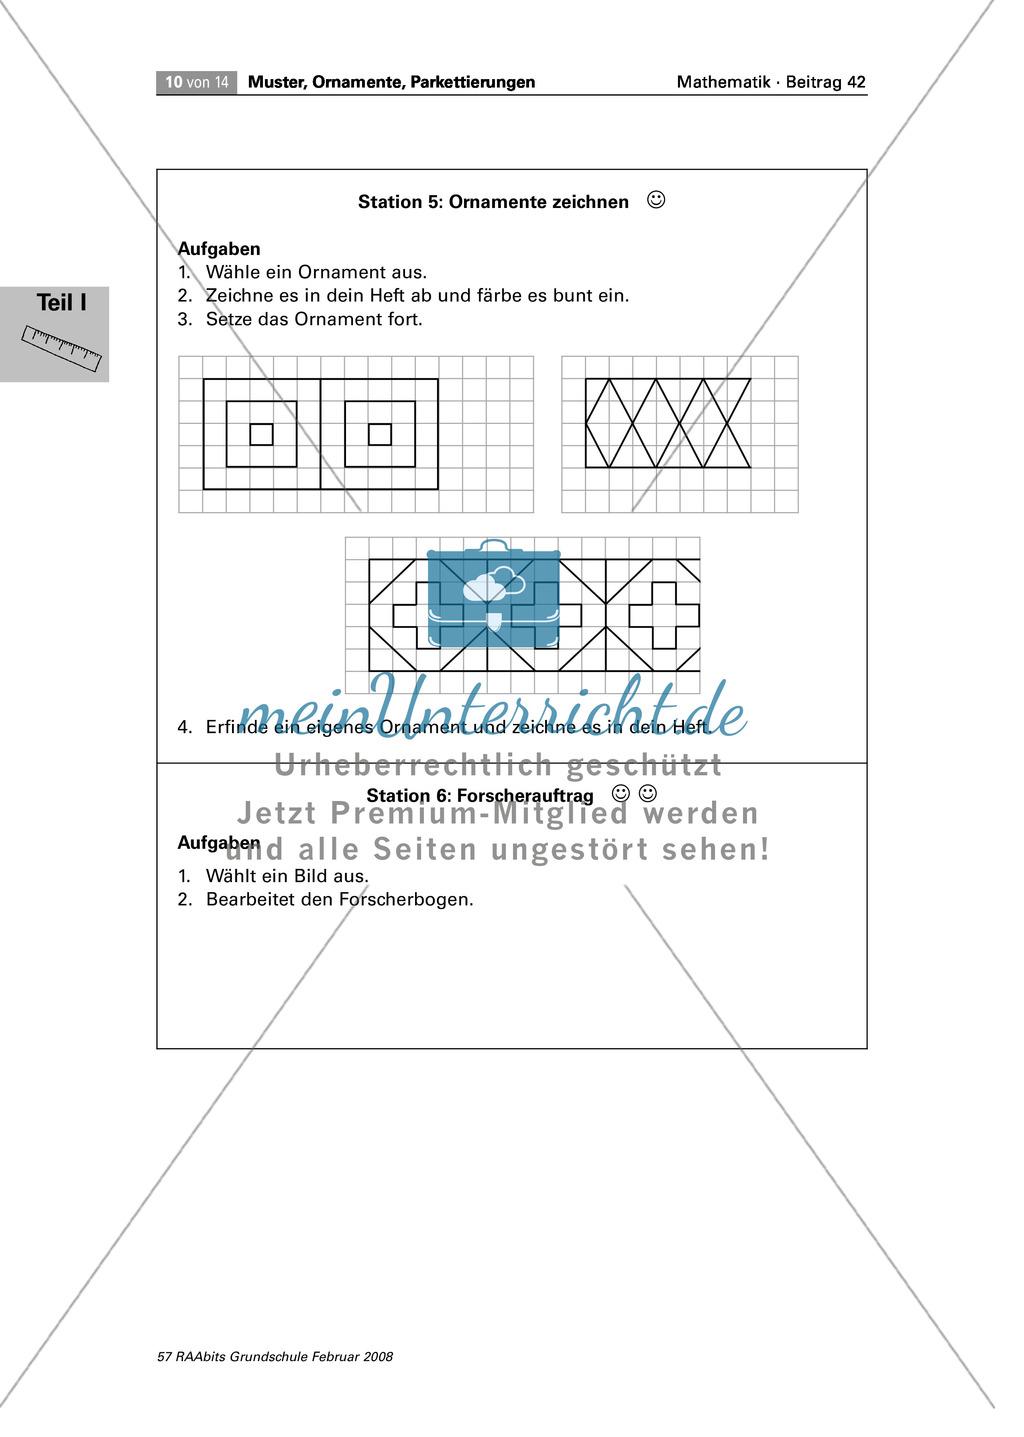 Stationenlernen zum Thema Muster und Ornamente - meinUnterricht